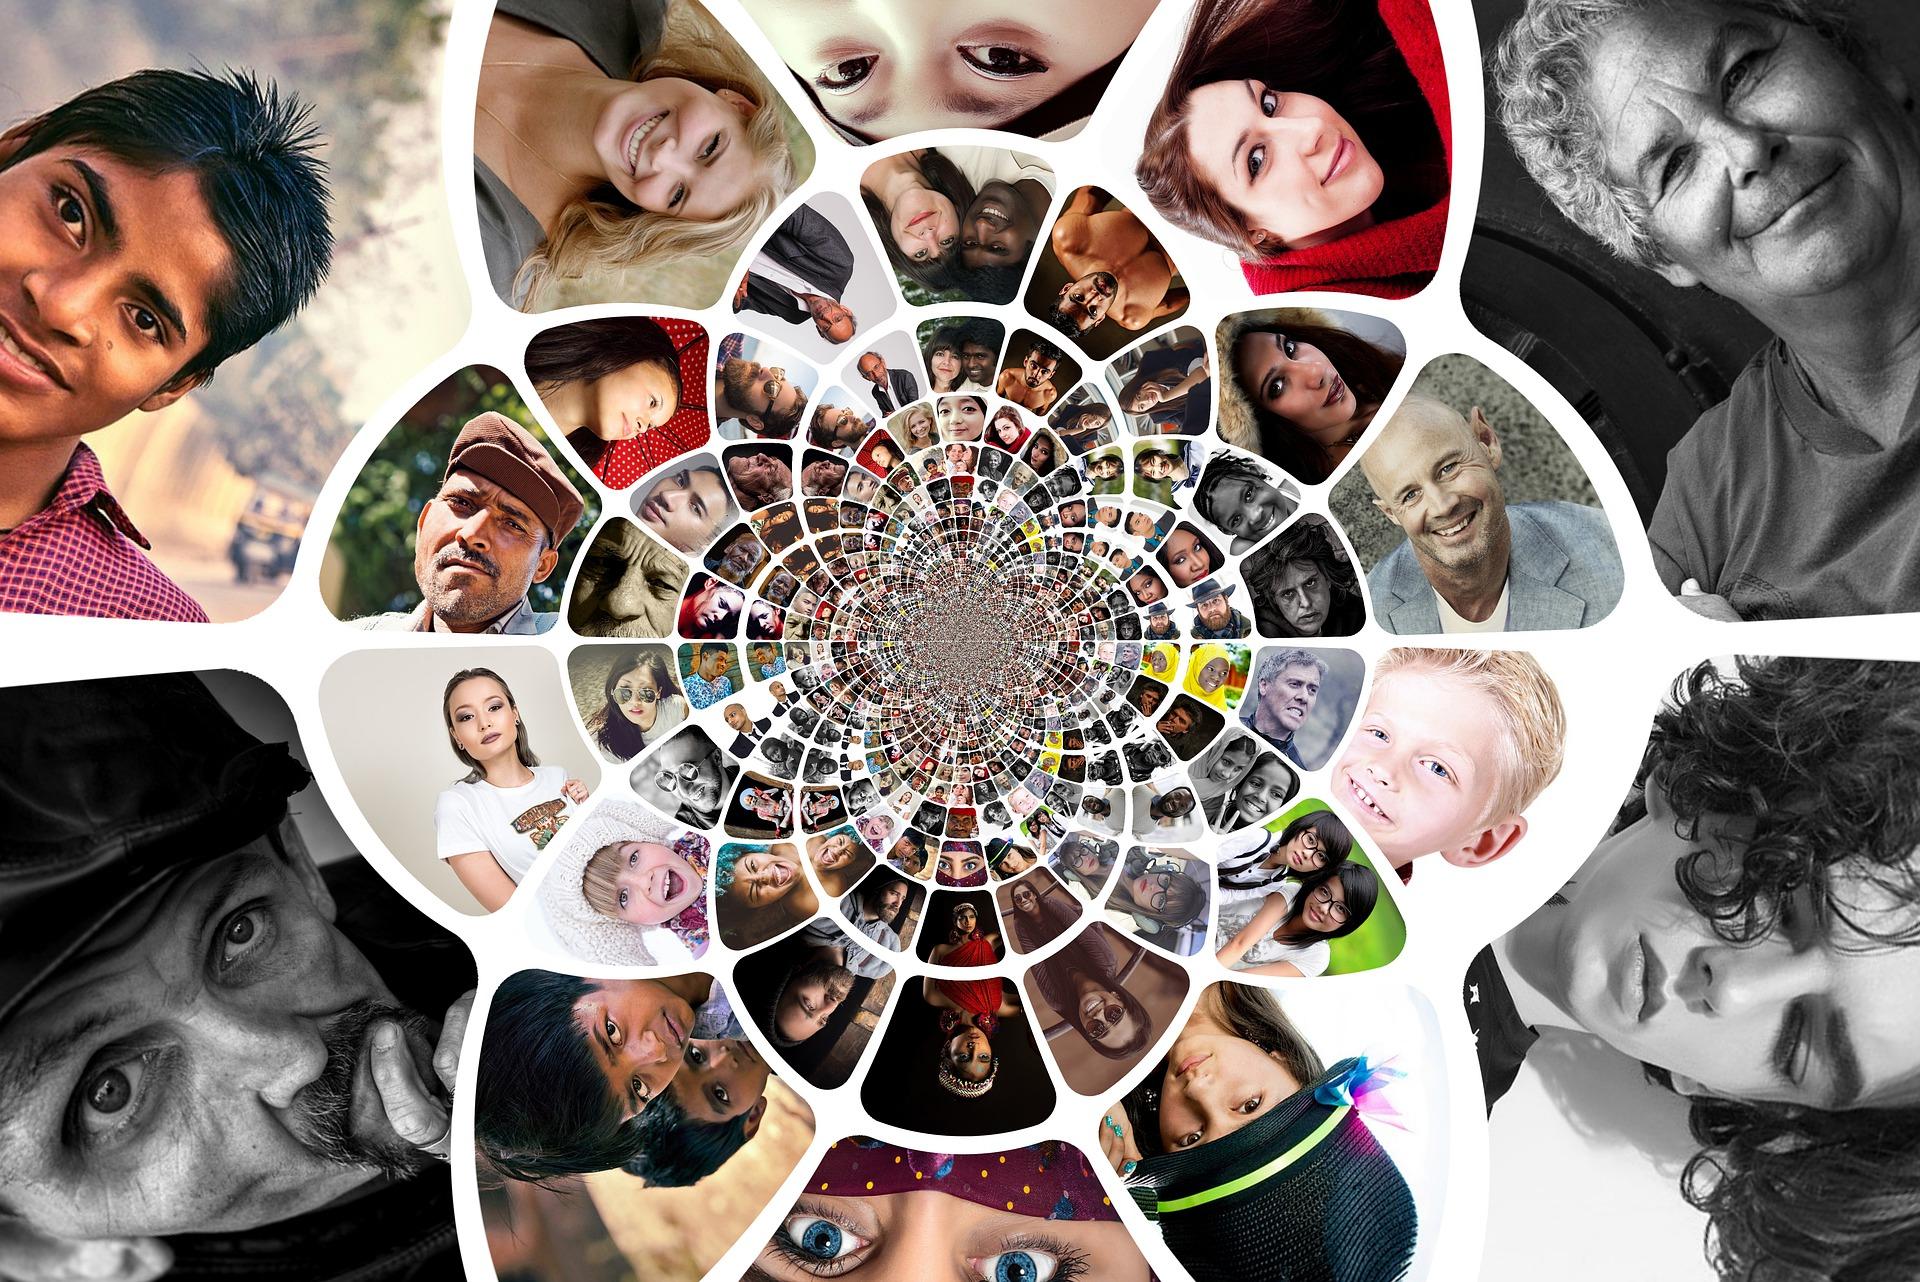 pourquoi faire une psychothérapie, changement, améliorer les relations, unité entre les familles et les communautés, ne plus avoir peur de la différence, comprendre l'être humain, pourquoi suis je ici sur terre, pourquoi la vie, comment être plus libre, comment être plus heureux, développer compétences, plus de bonheur